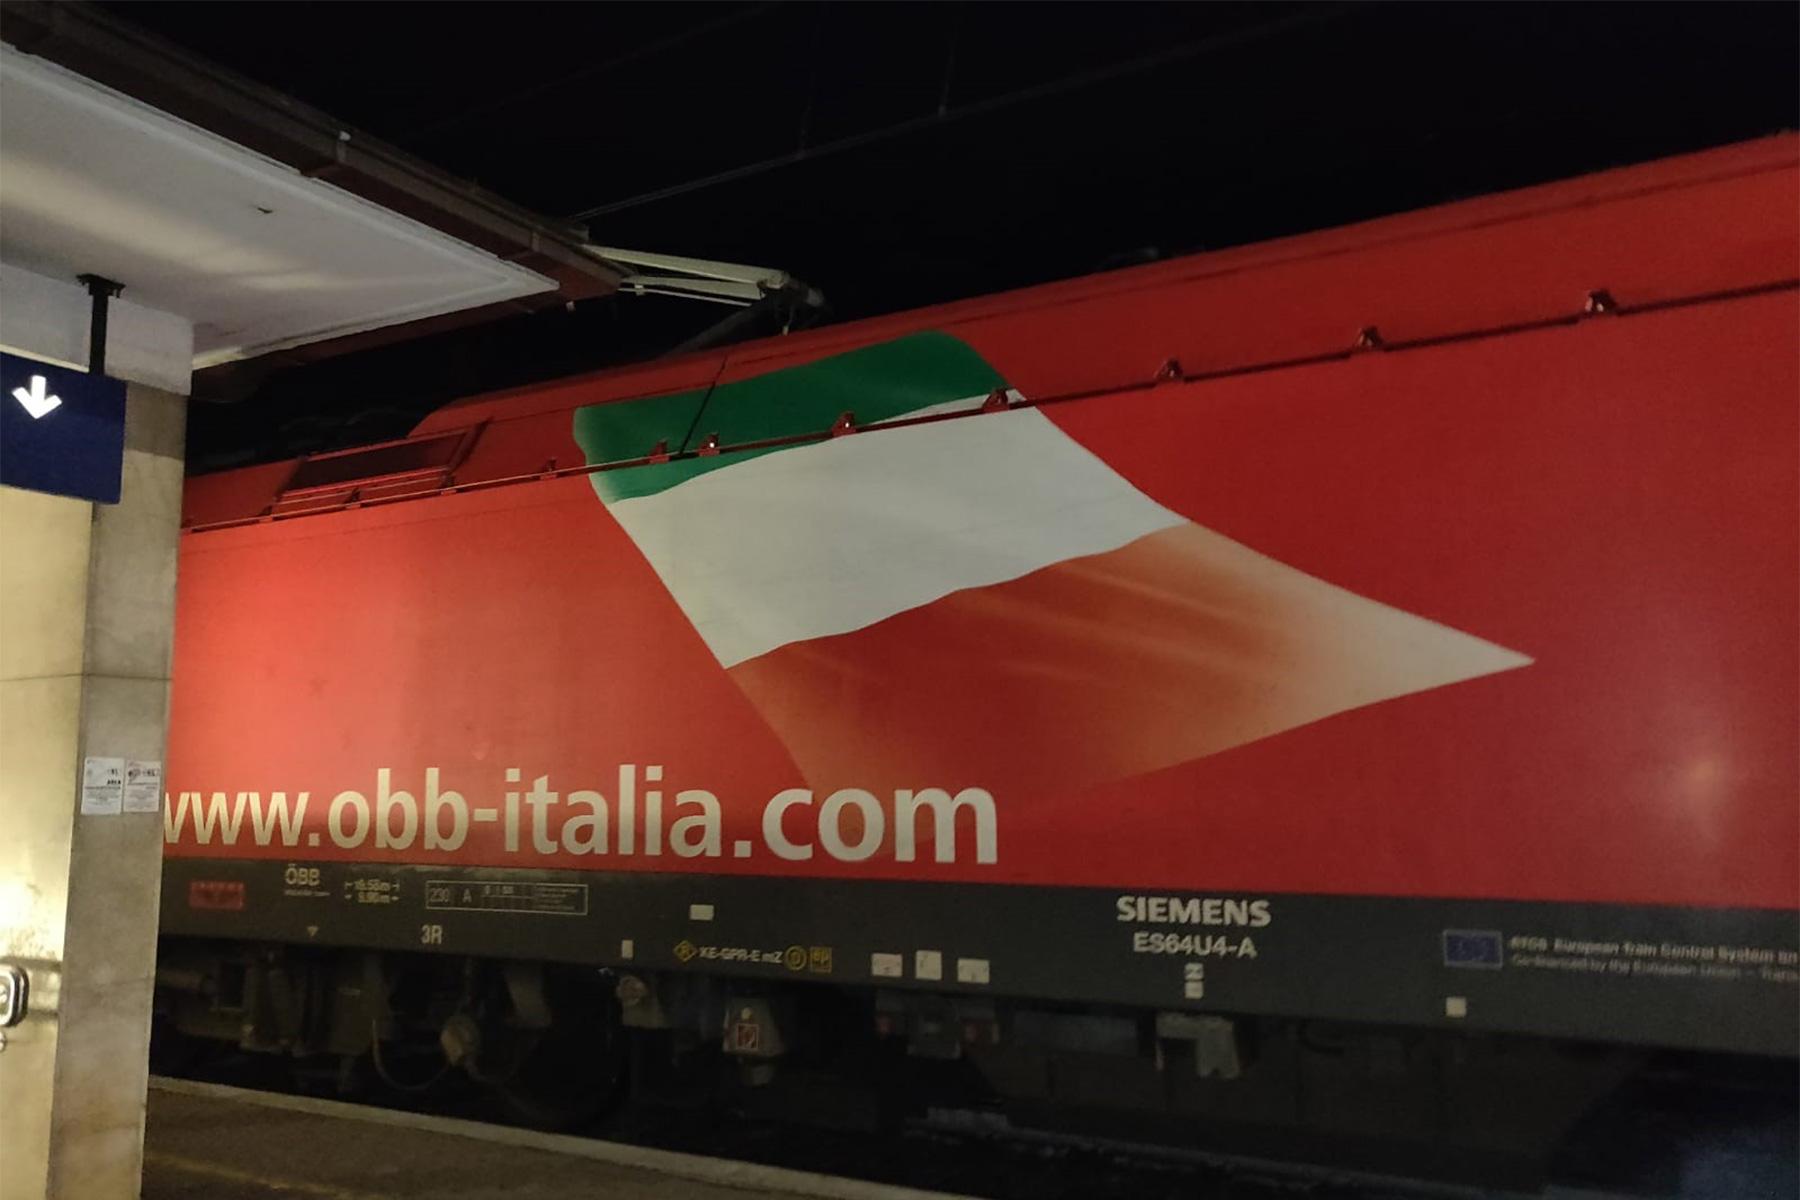 Europaregion Tirol?ÖBB mit italienischer Fahne nach Bozen